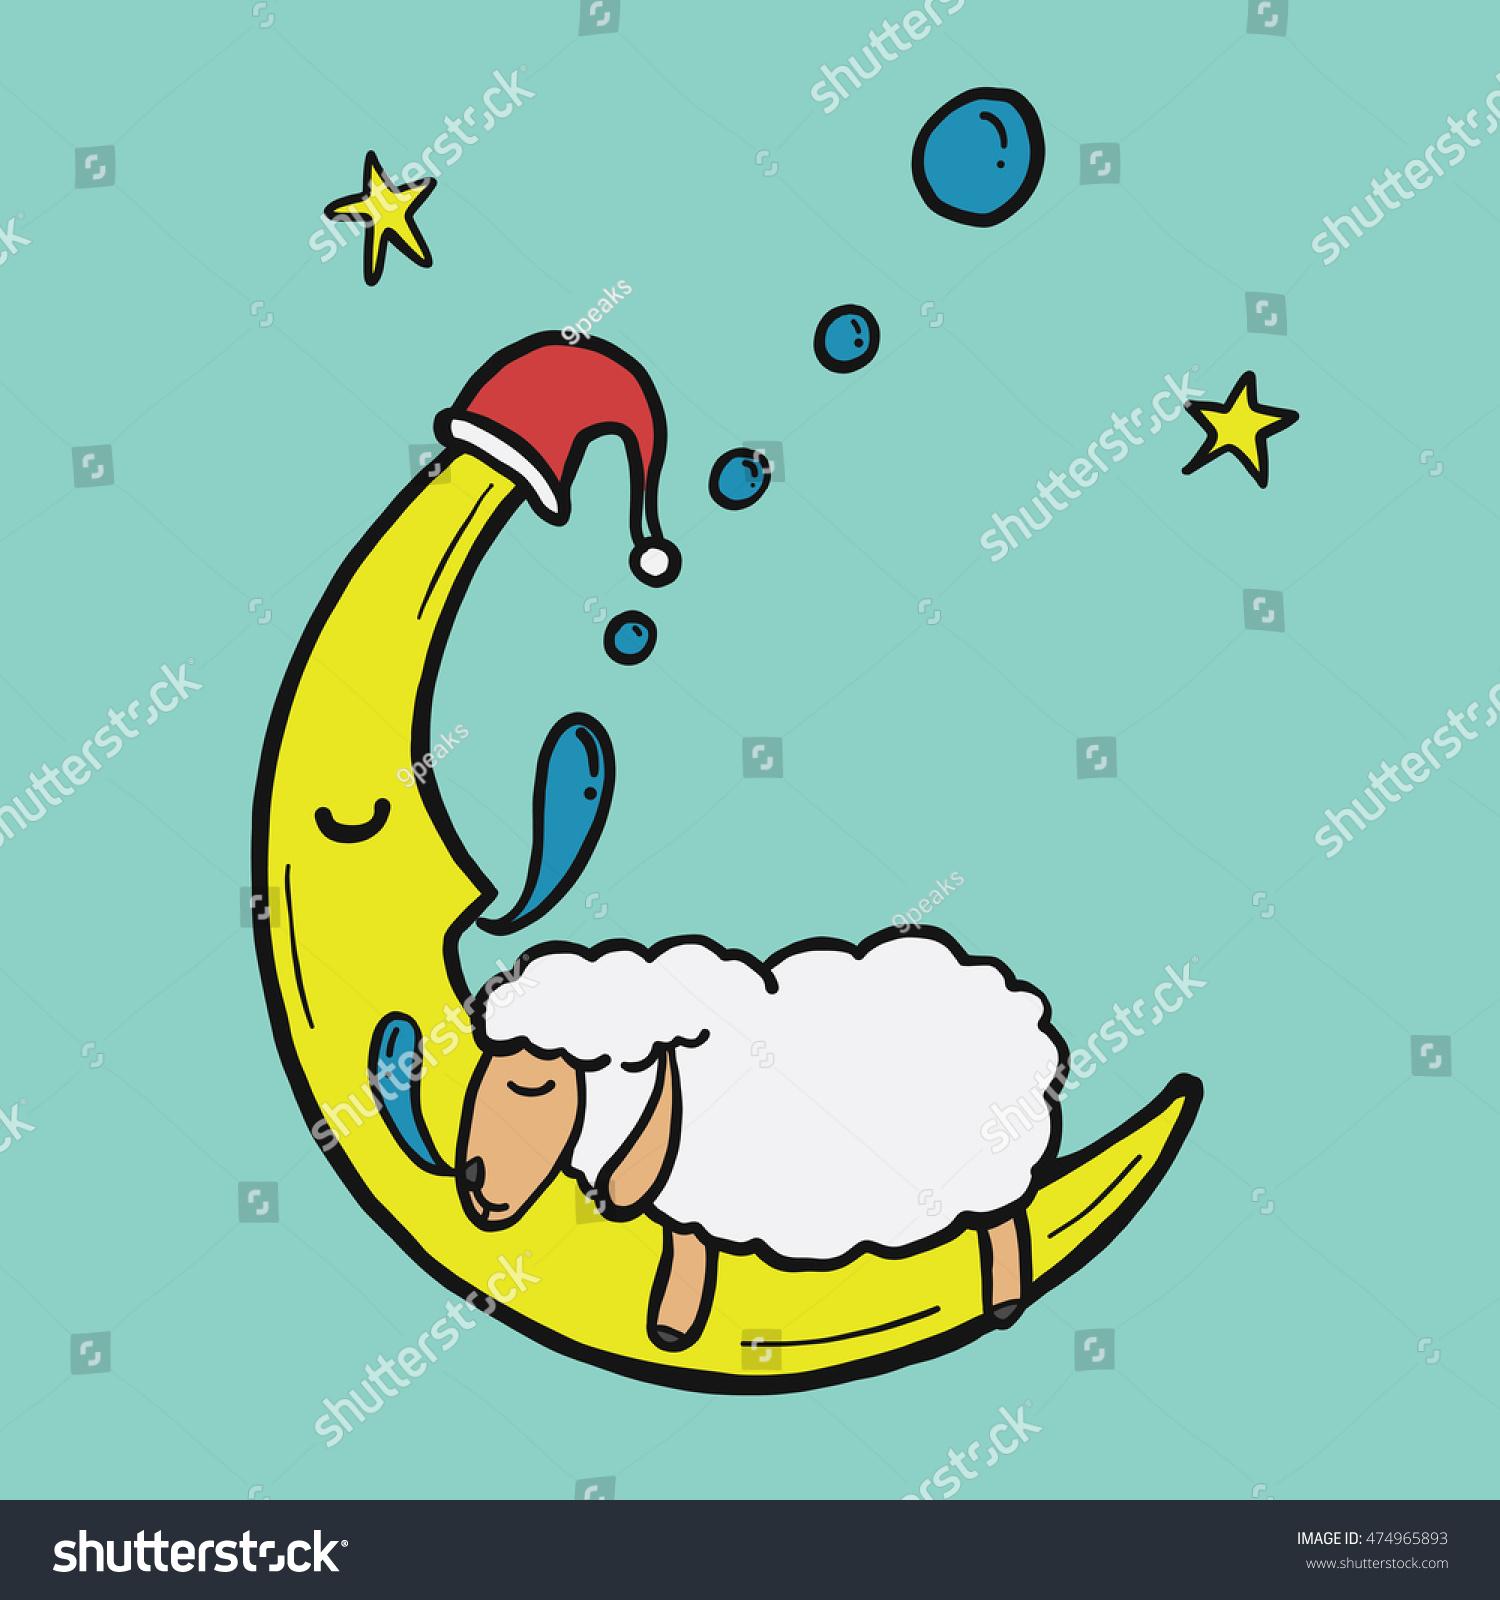 Funny sleep cartoon